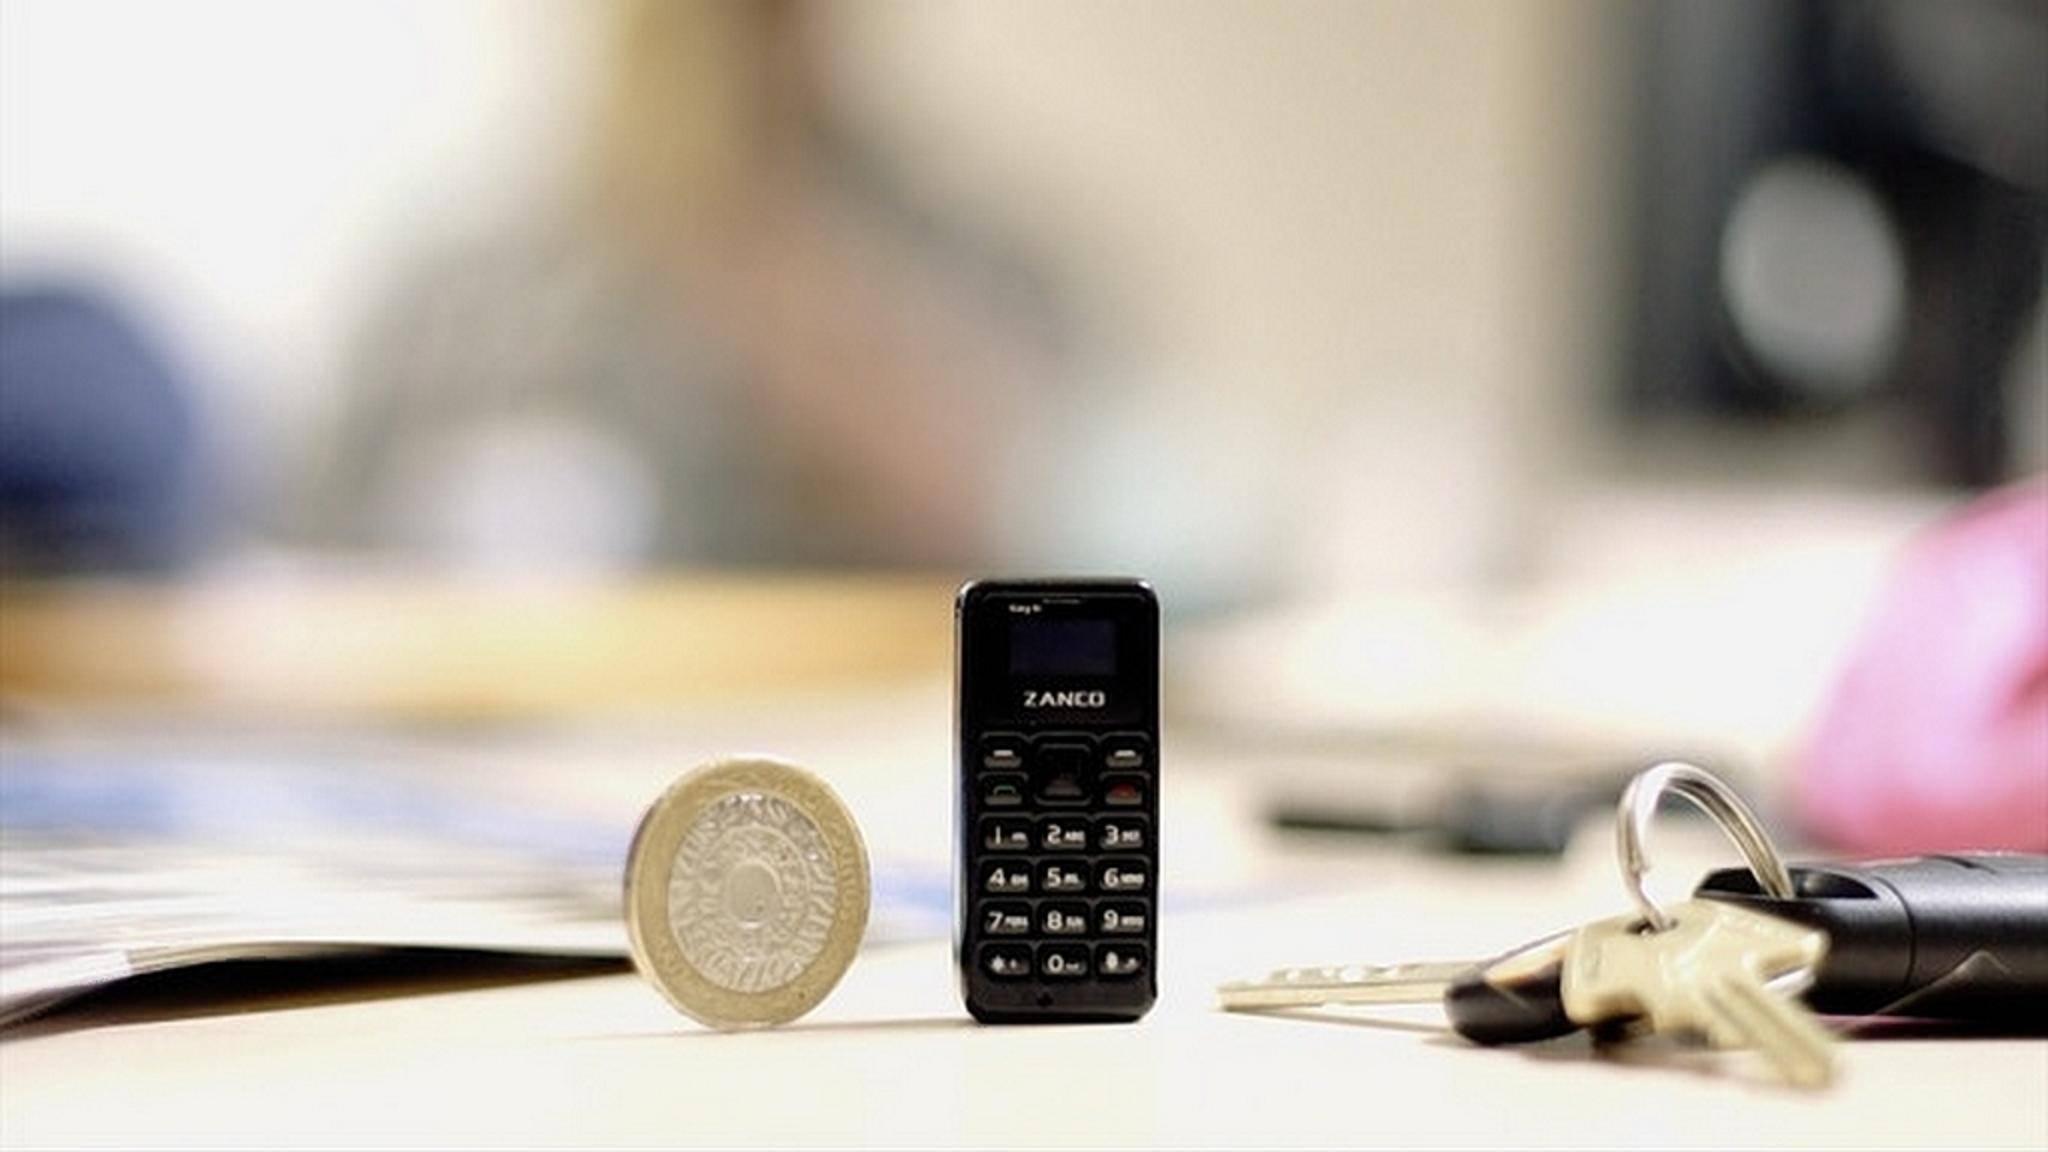 Das Tiny T1 im Vergleich zu einer Münze und einem Schlüsselbund.